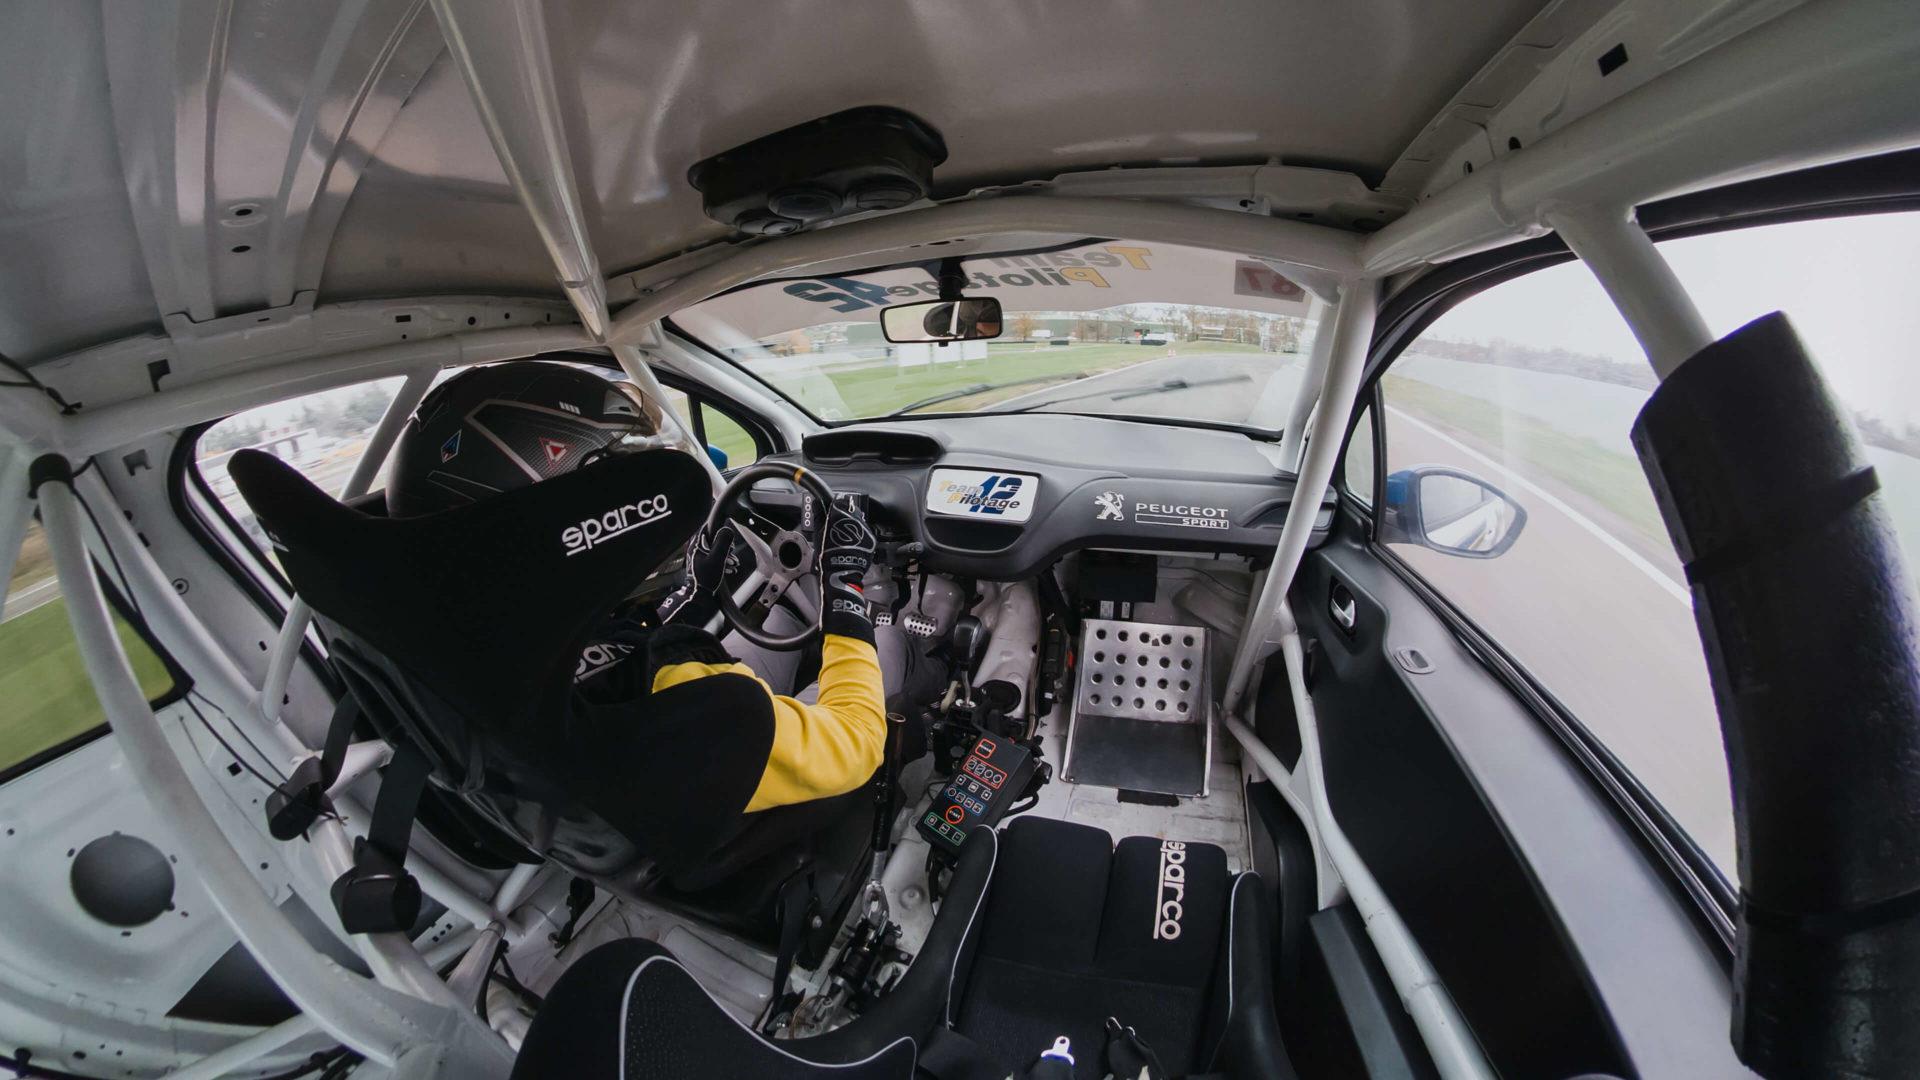 208 RC intérieur - team pilotage 42